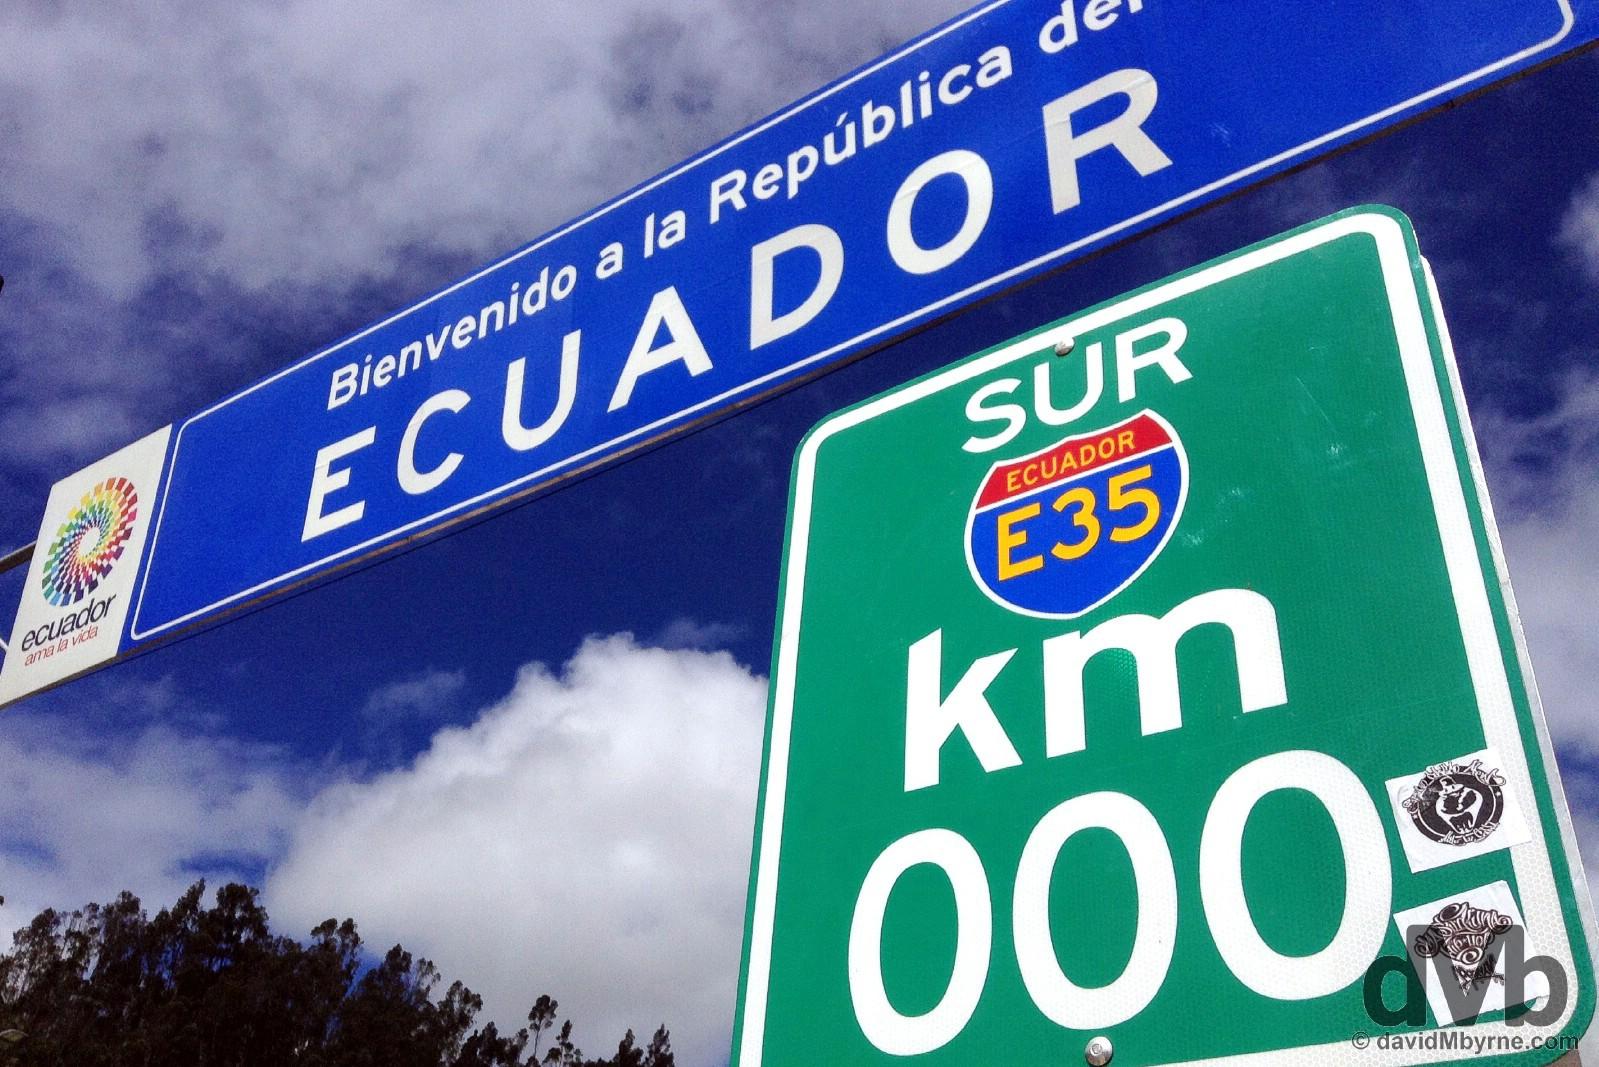 Entering Ecuador at the Rumichaca bridge border crossing with Colombia. July 2, 2105.